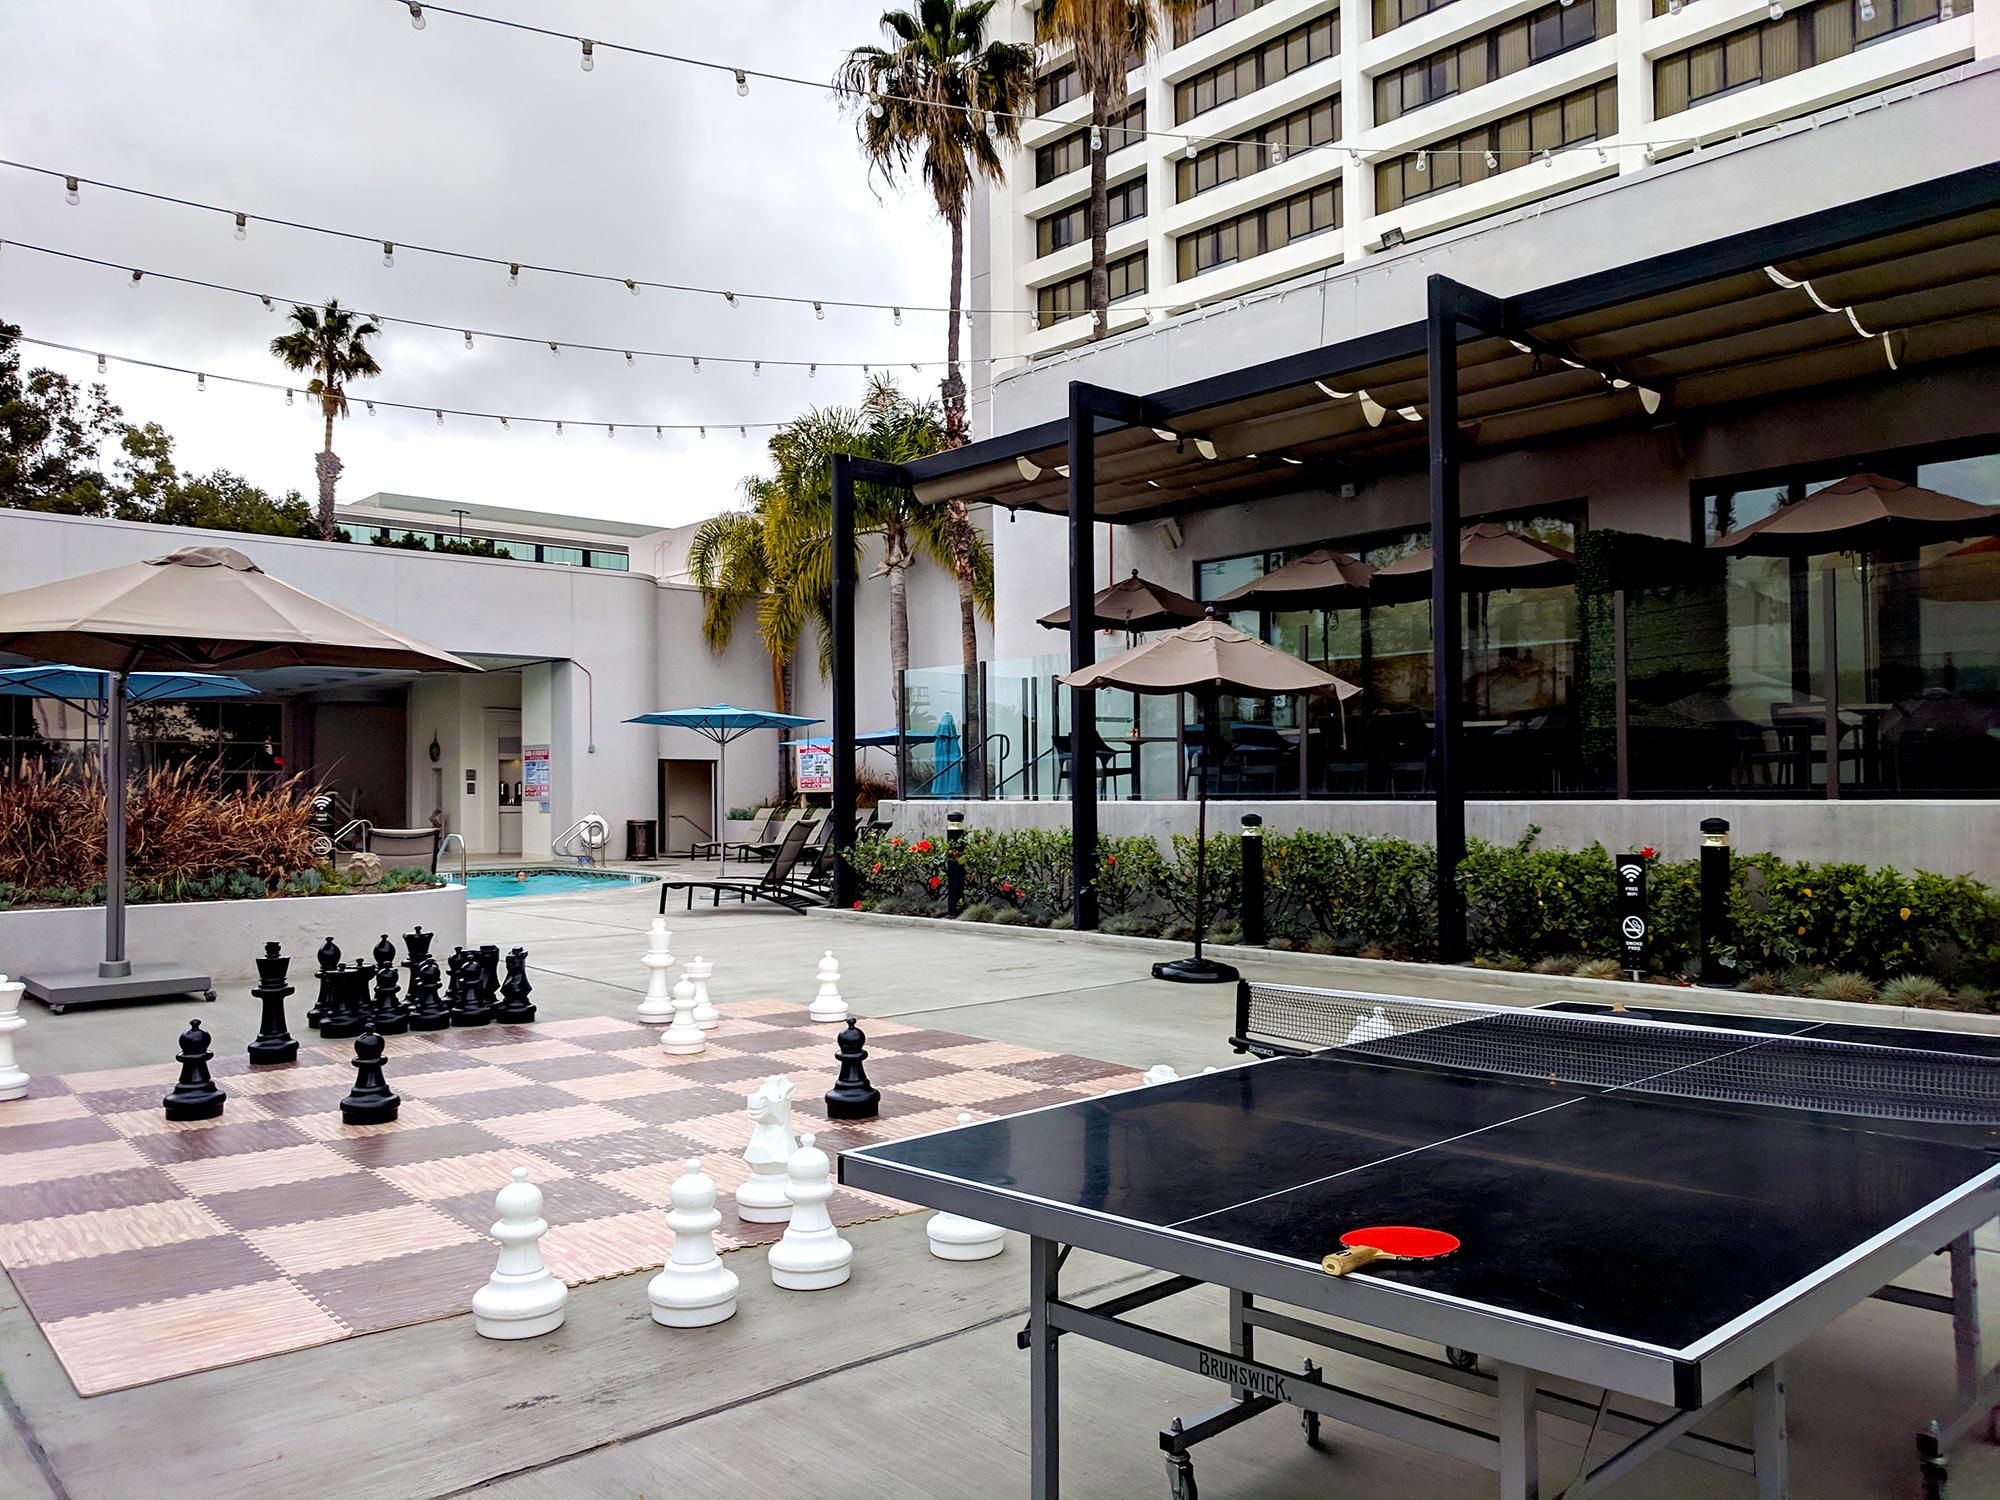 Torrance Marriott game area